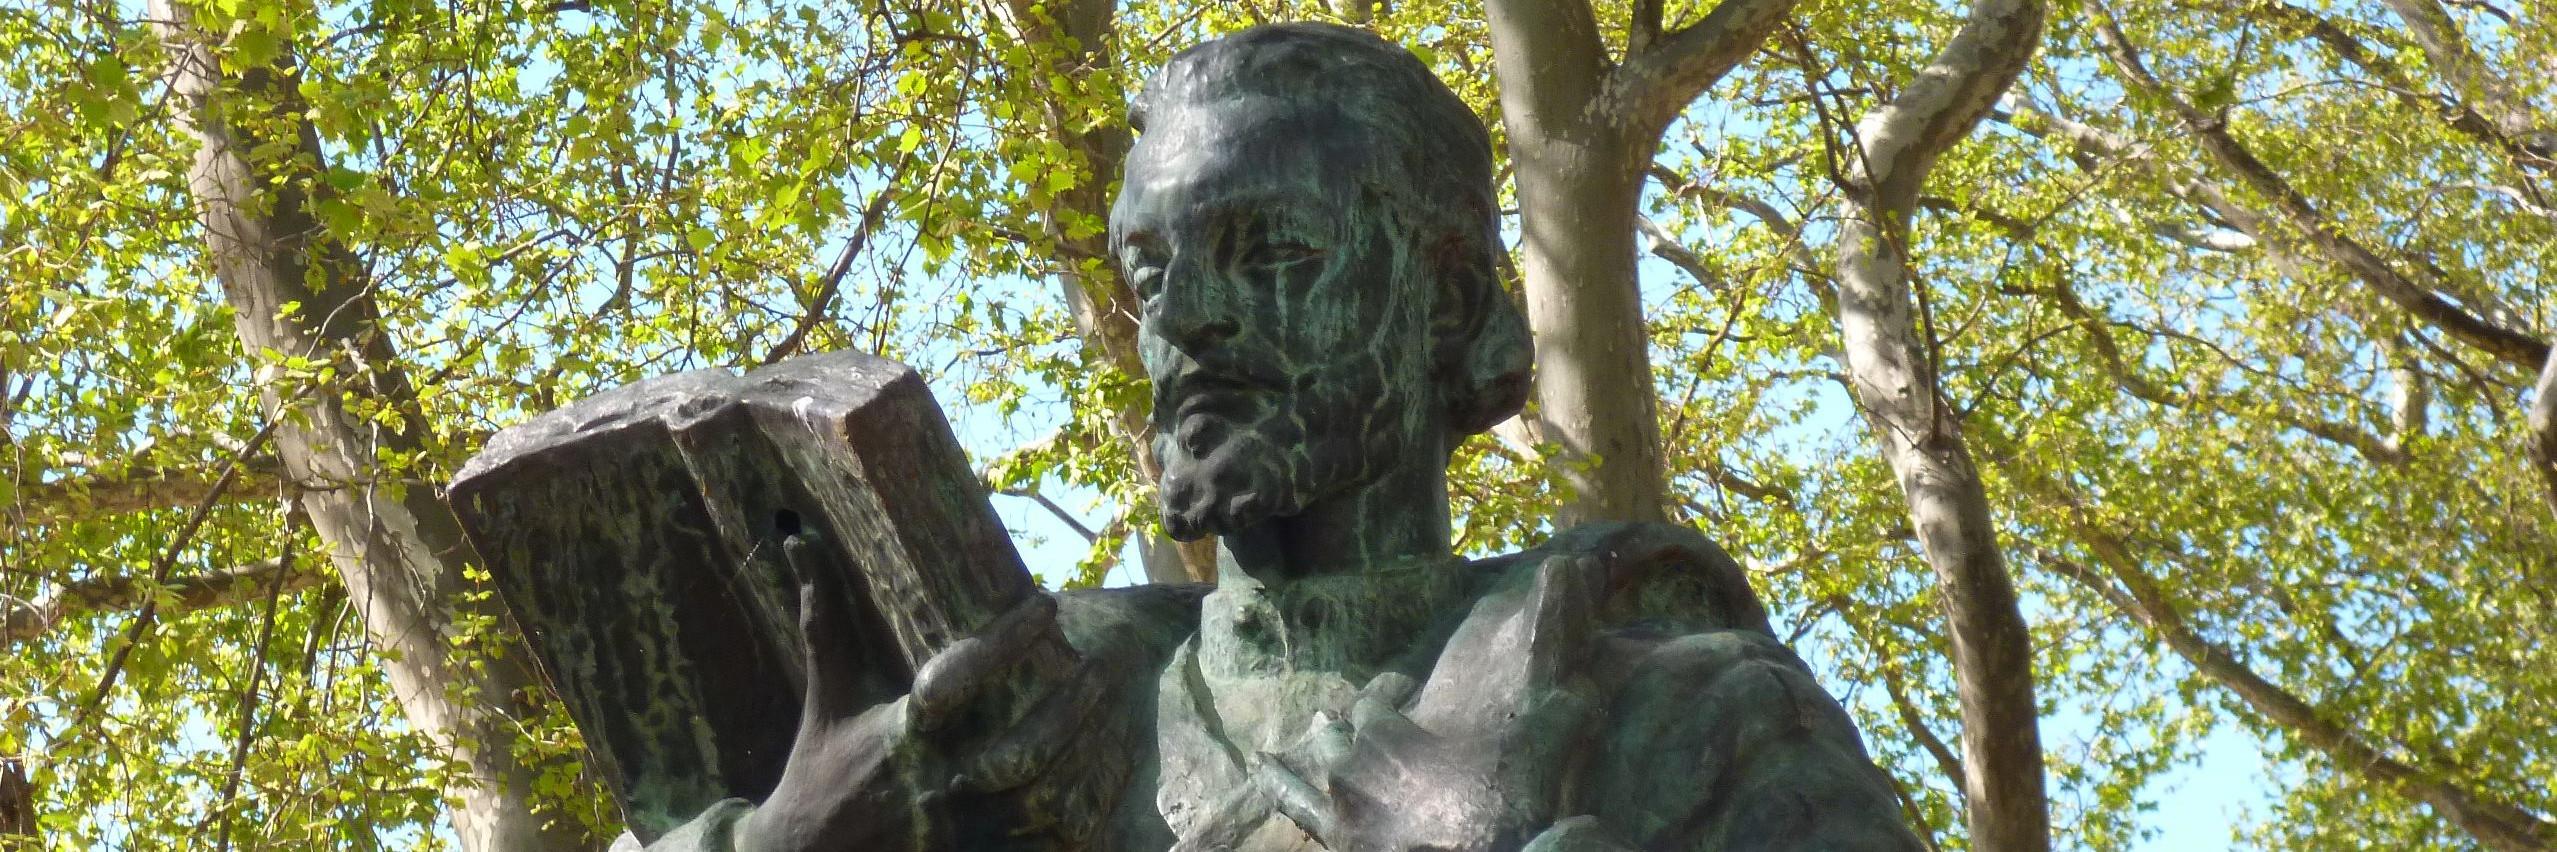 Памятник Негошу